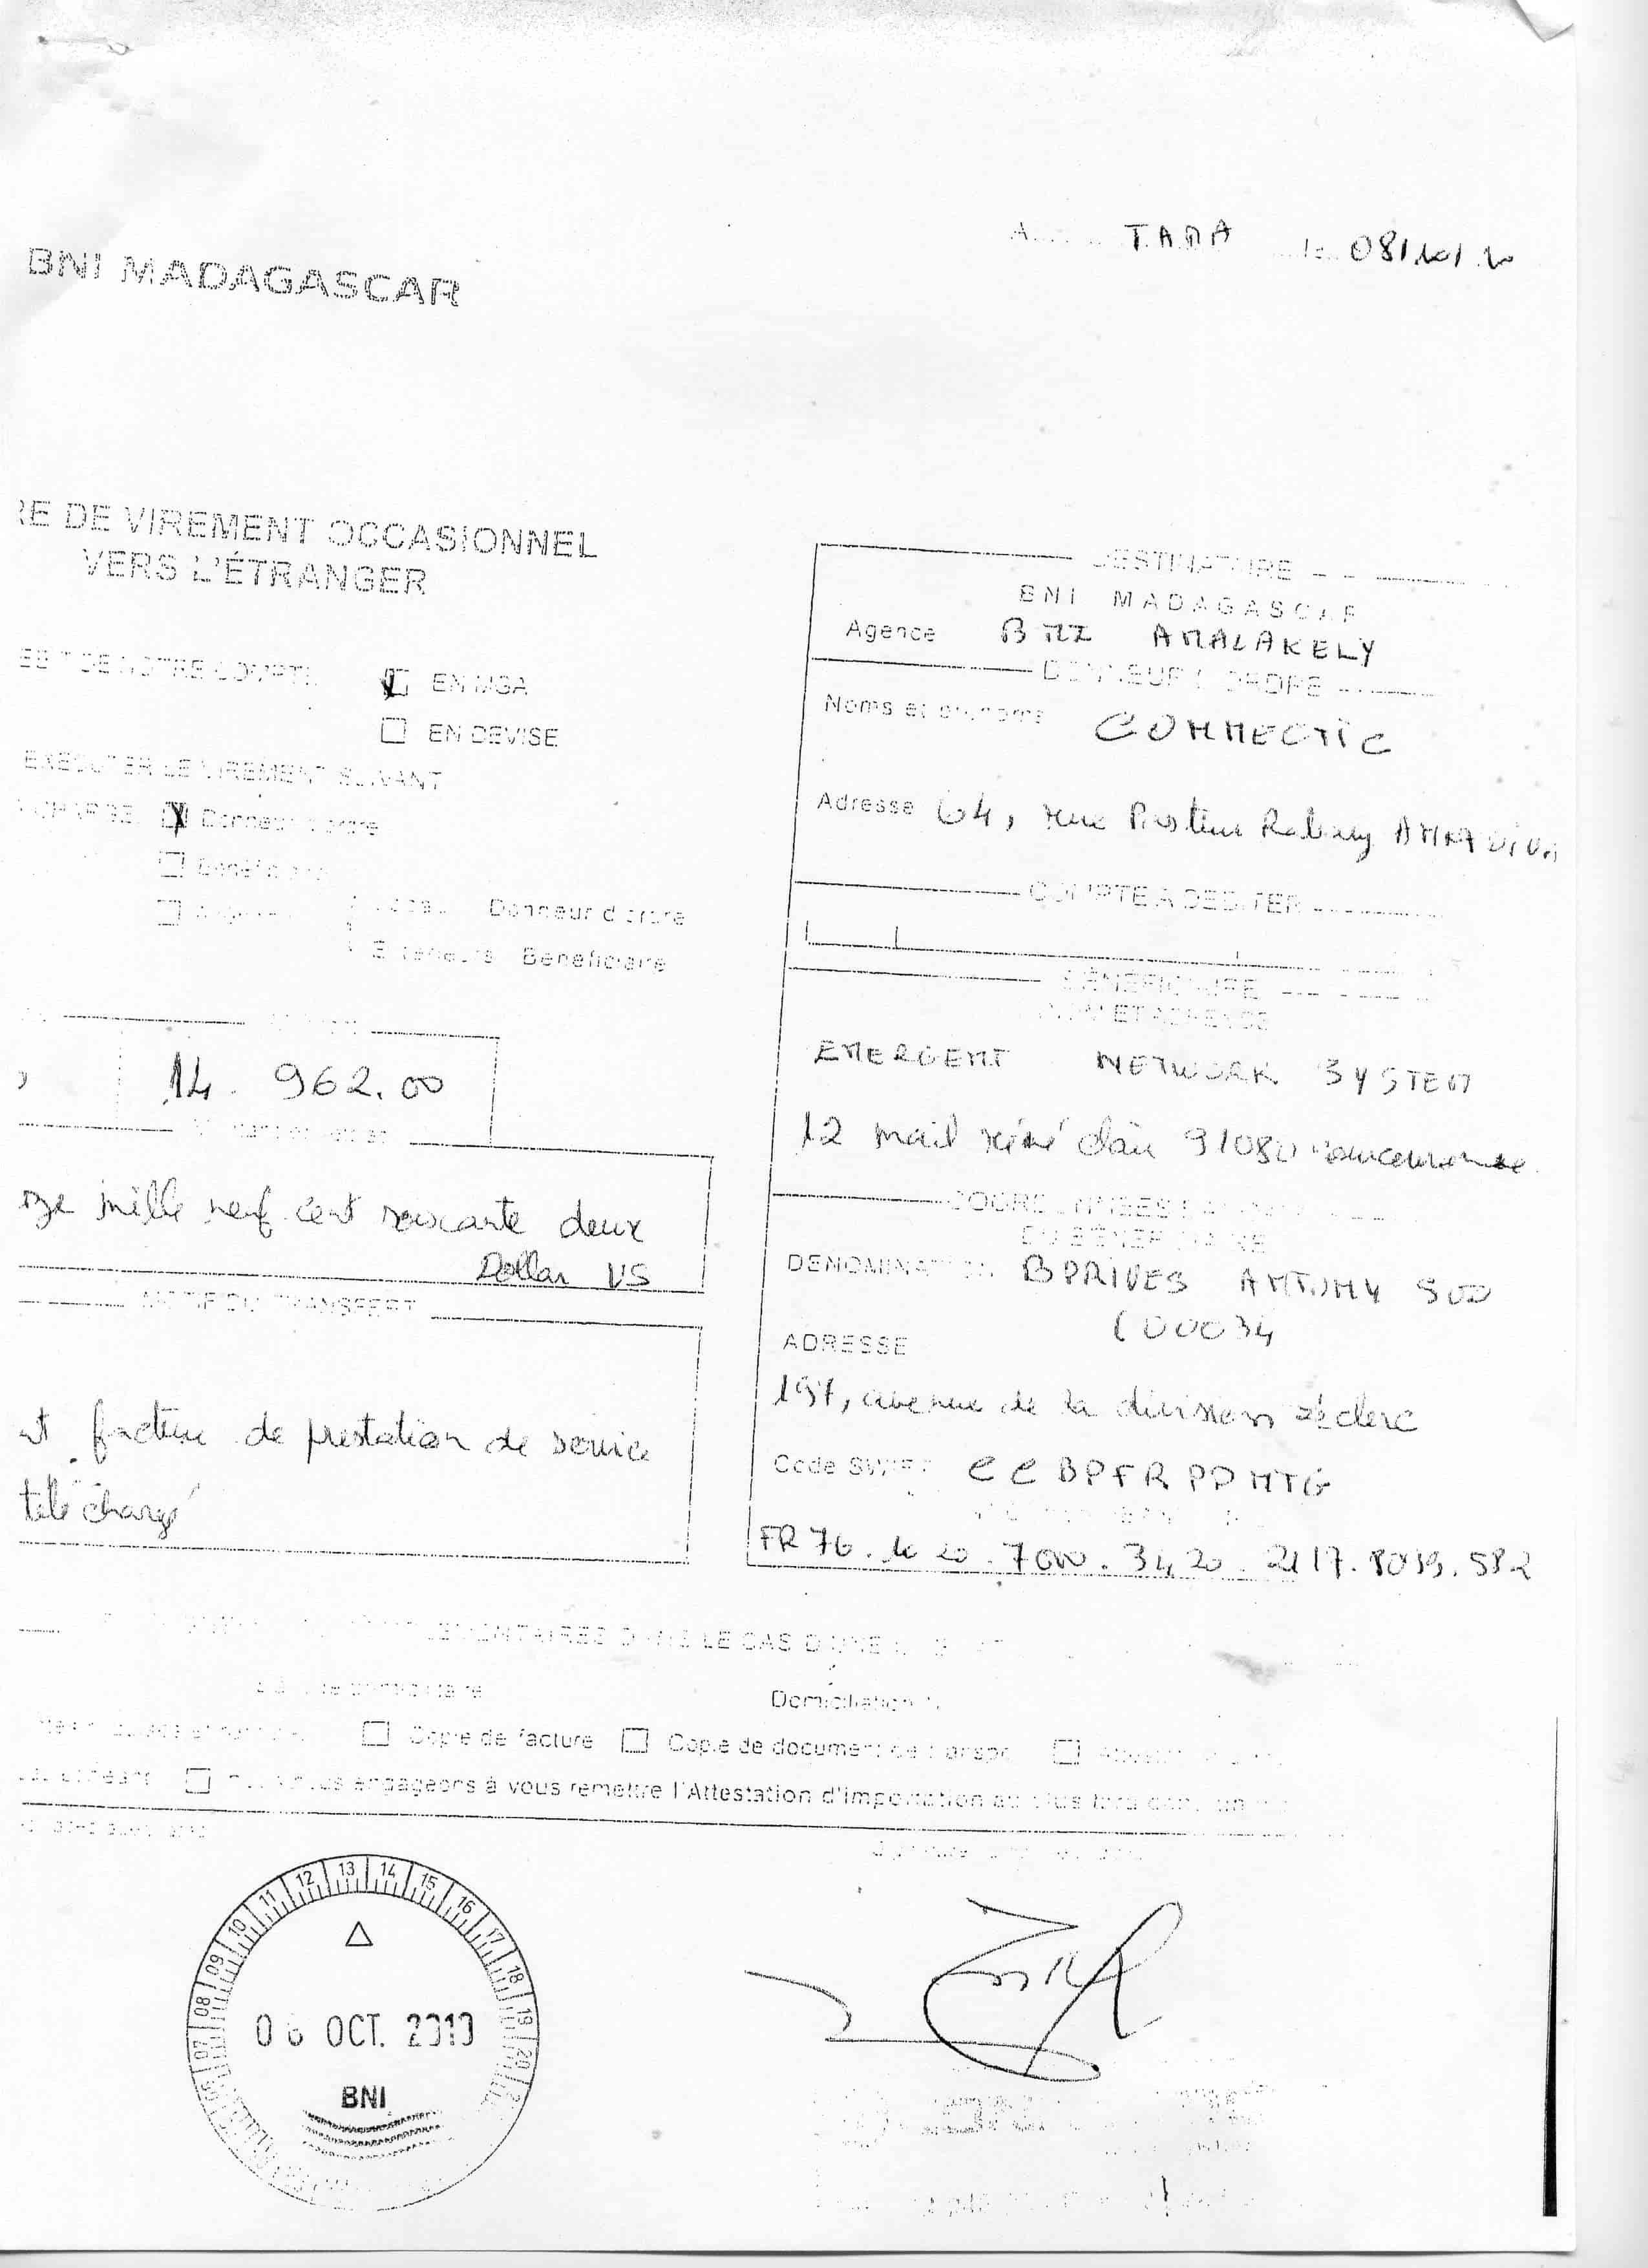 2010, RANARISON Tsilavo NEXTHOPE a signé tous les avis de virement de CONNECTIC vers sa maison mère EMERGENT